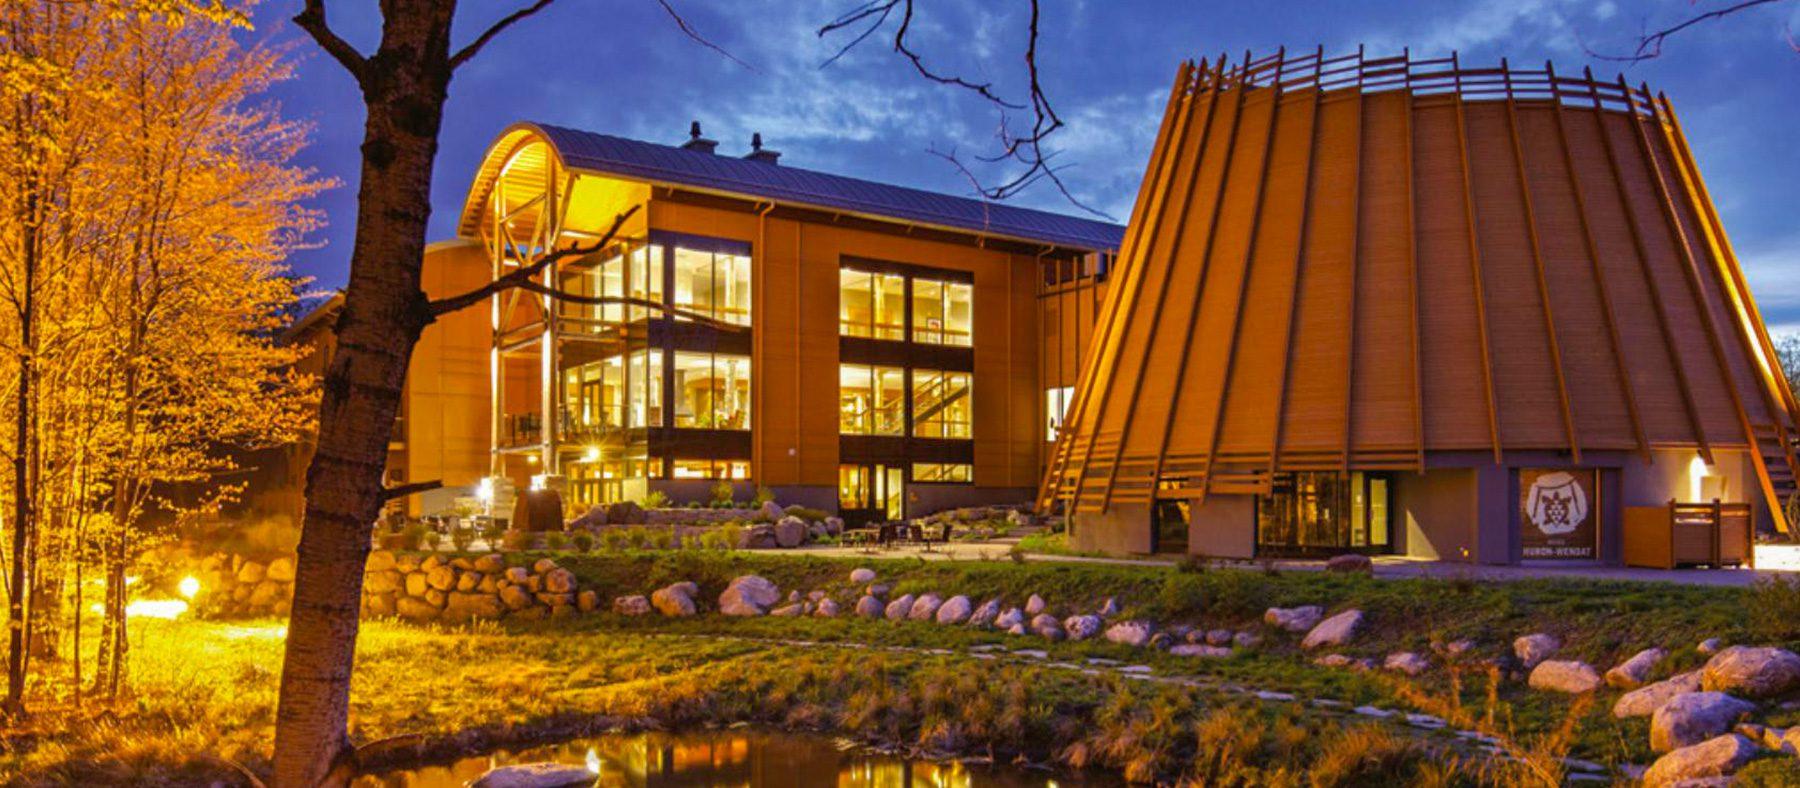 vivre-le-quebec-autochtone-observation-de-la-faune-hotel-musee-premieres-nations-quebec-le-mag